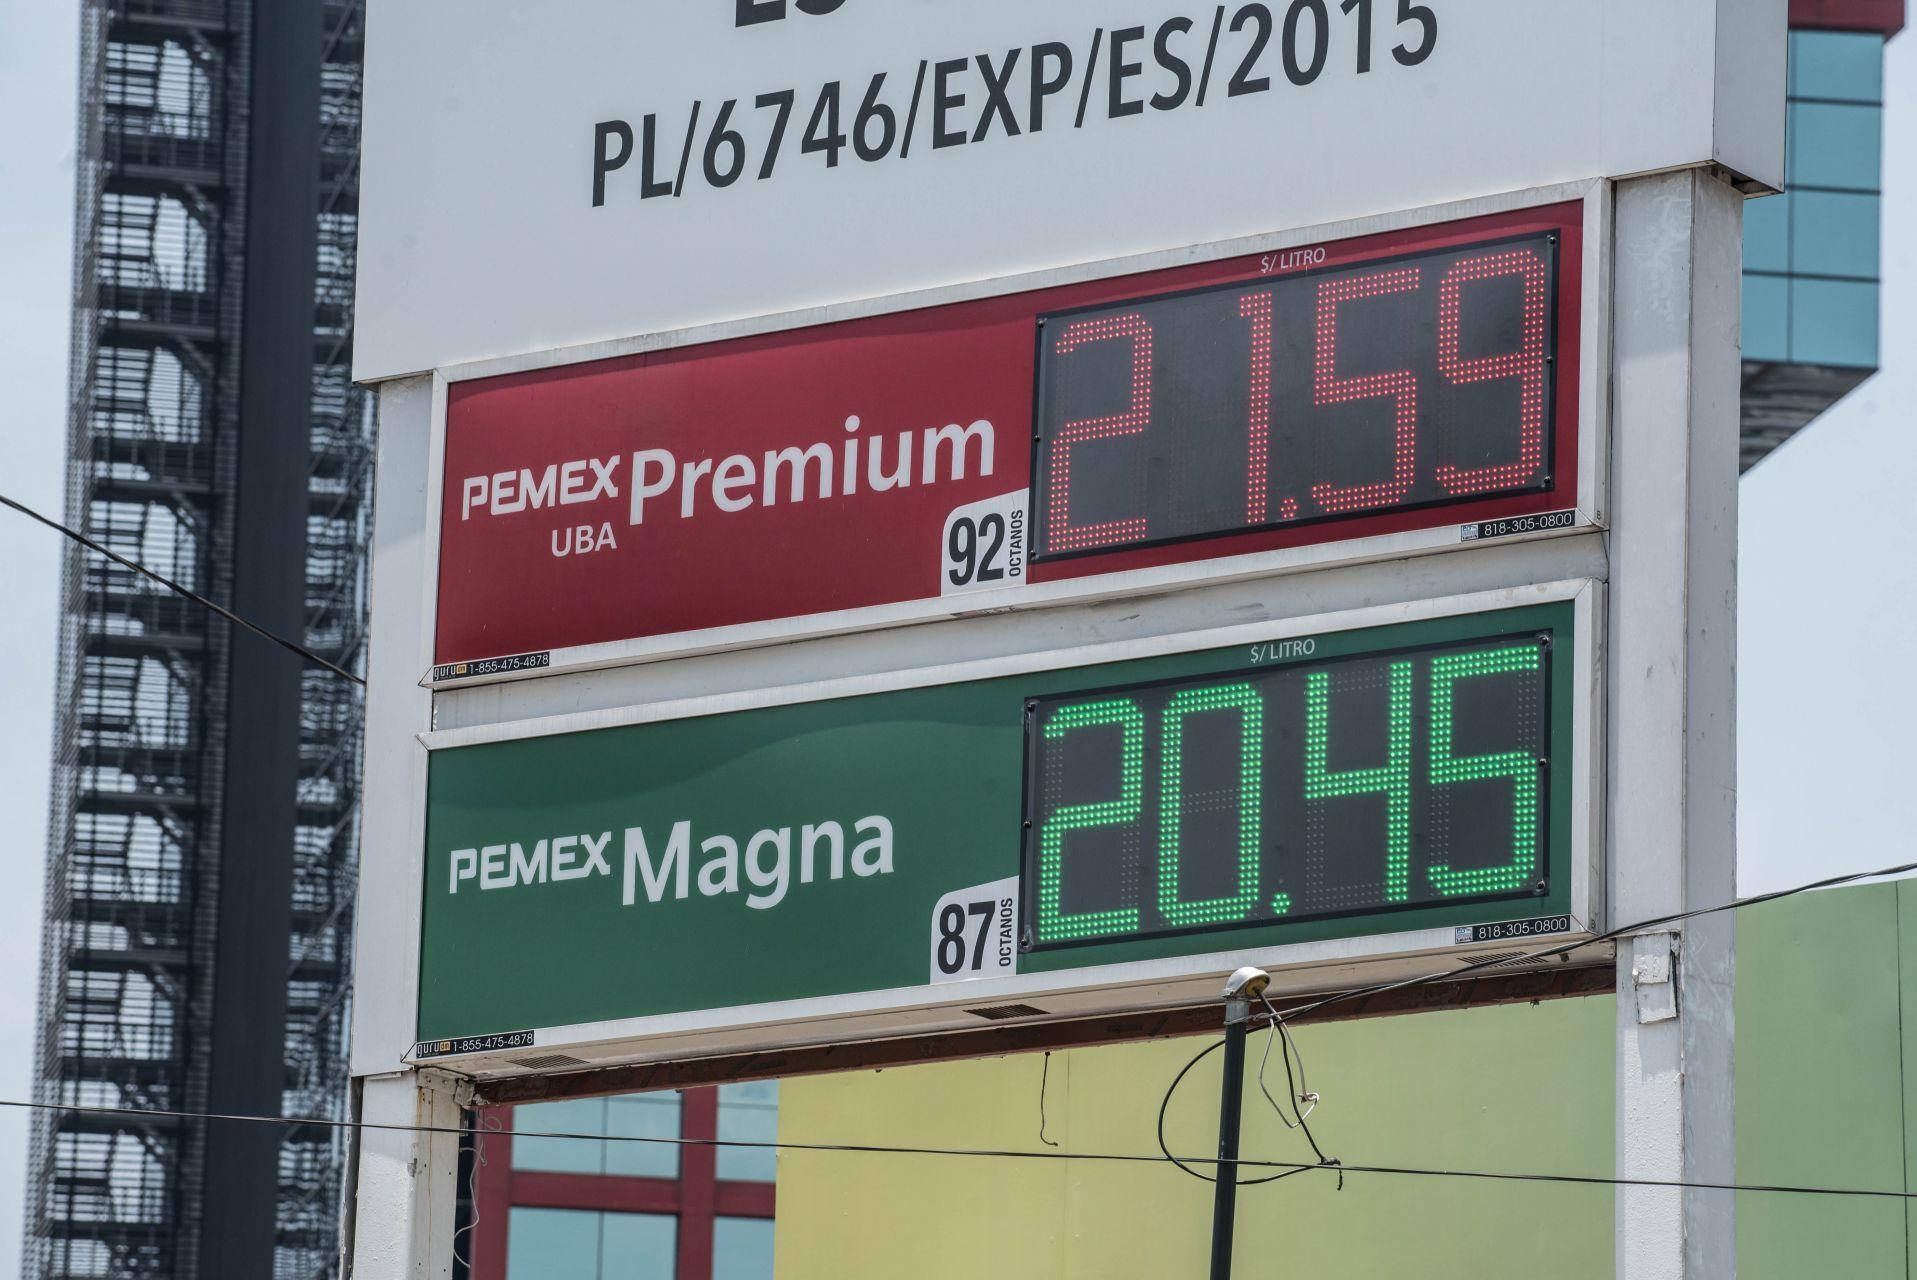 Asegura gobierno que los precios de gasolinas, diésel y electricidad no han aumentado